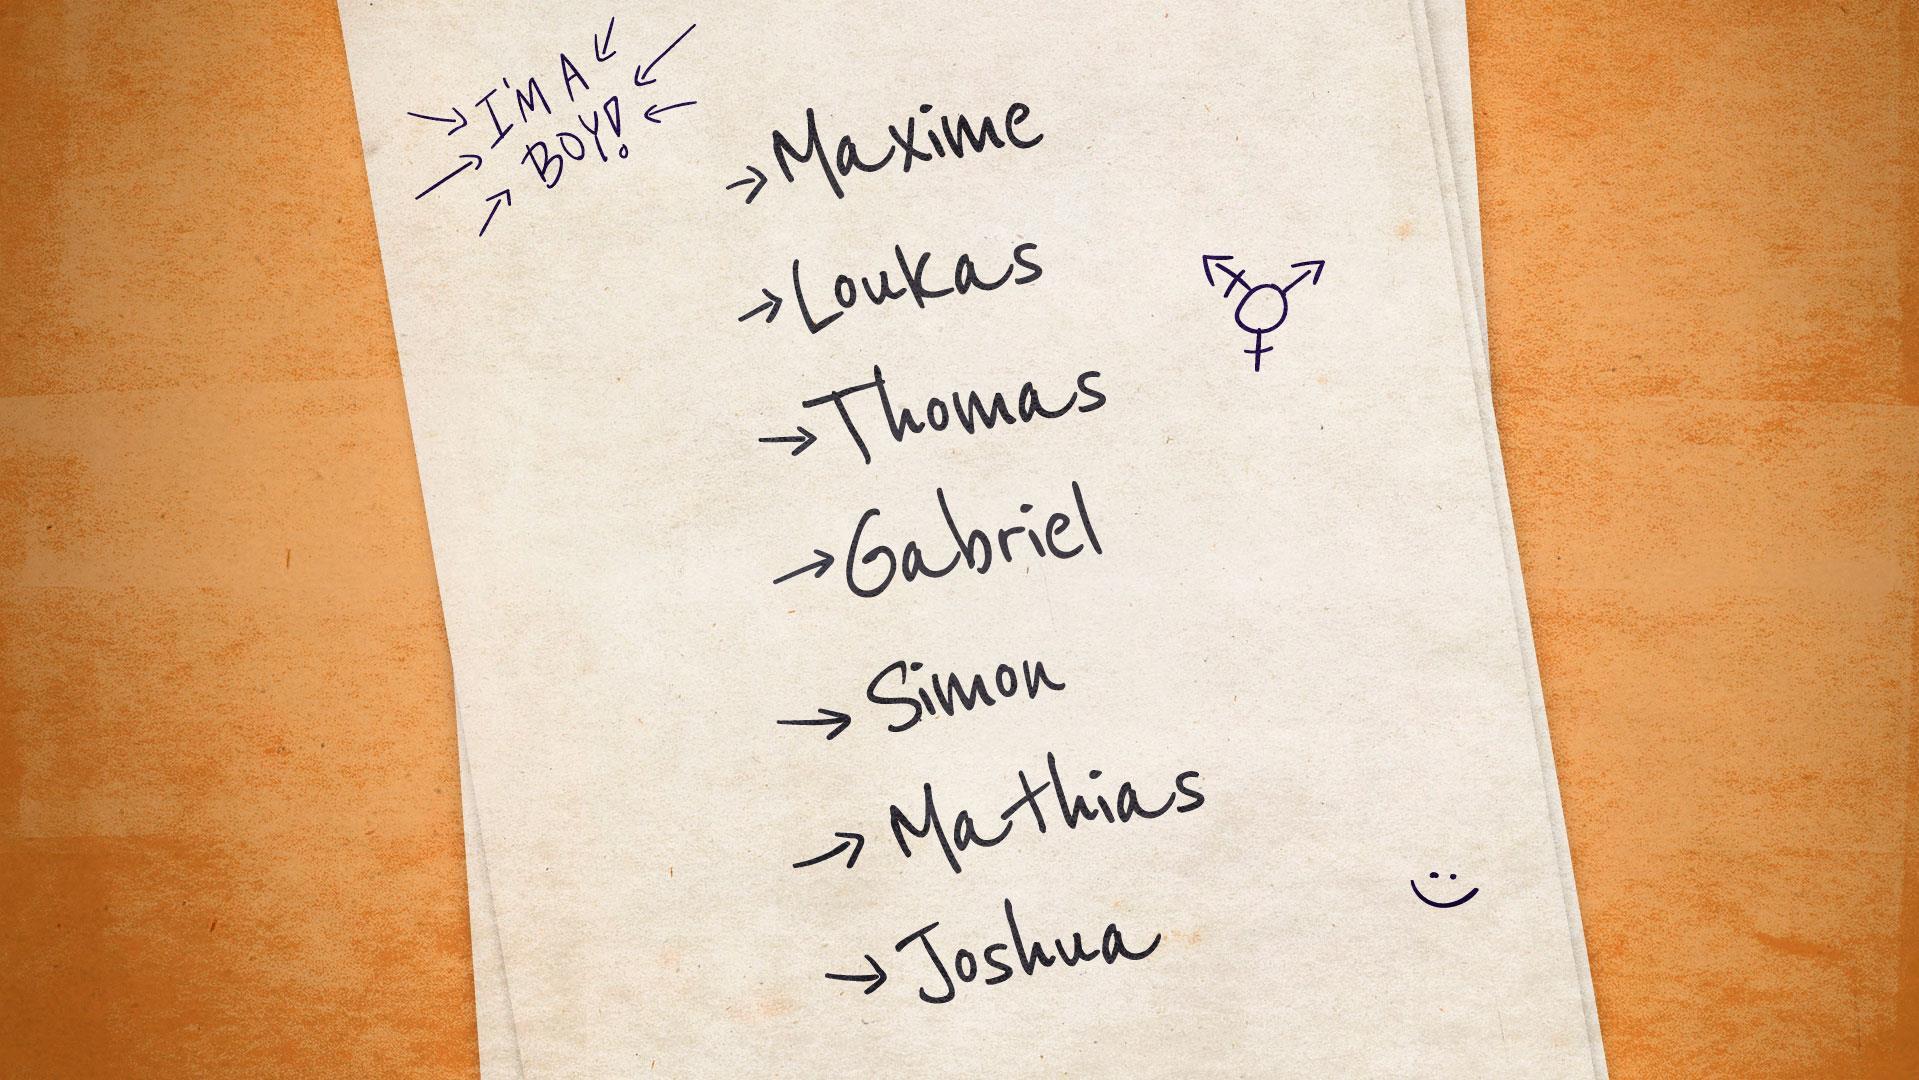 Illustration de la liste de noms soumise par Loukas à ses parents : Maxime, Loukas, Thomas, Gabriel, Simon, Mathias et Joshua.